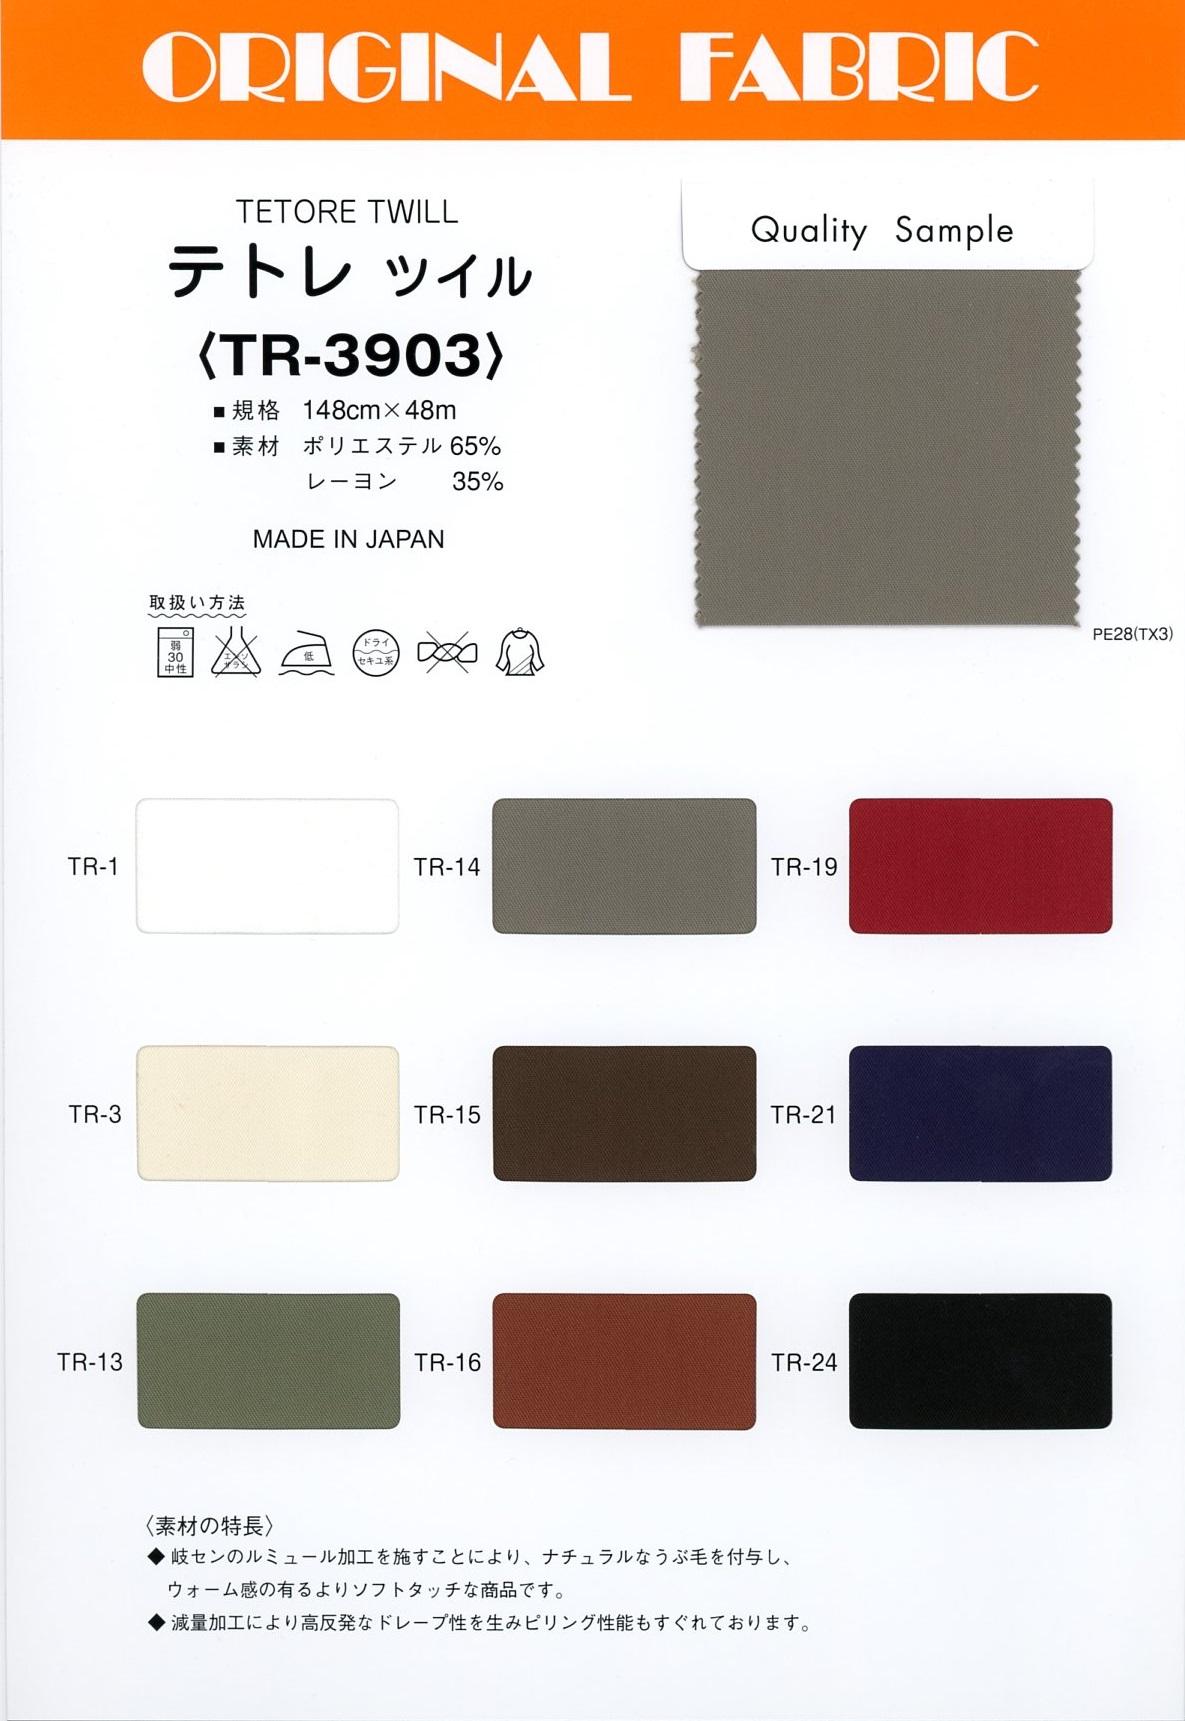 TR3903 テトレ ツイル[生地] Masuda(マスダ)/オークラ商事 - ApparelX アパレル資材卸通販